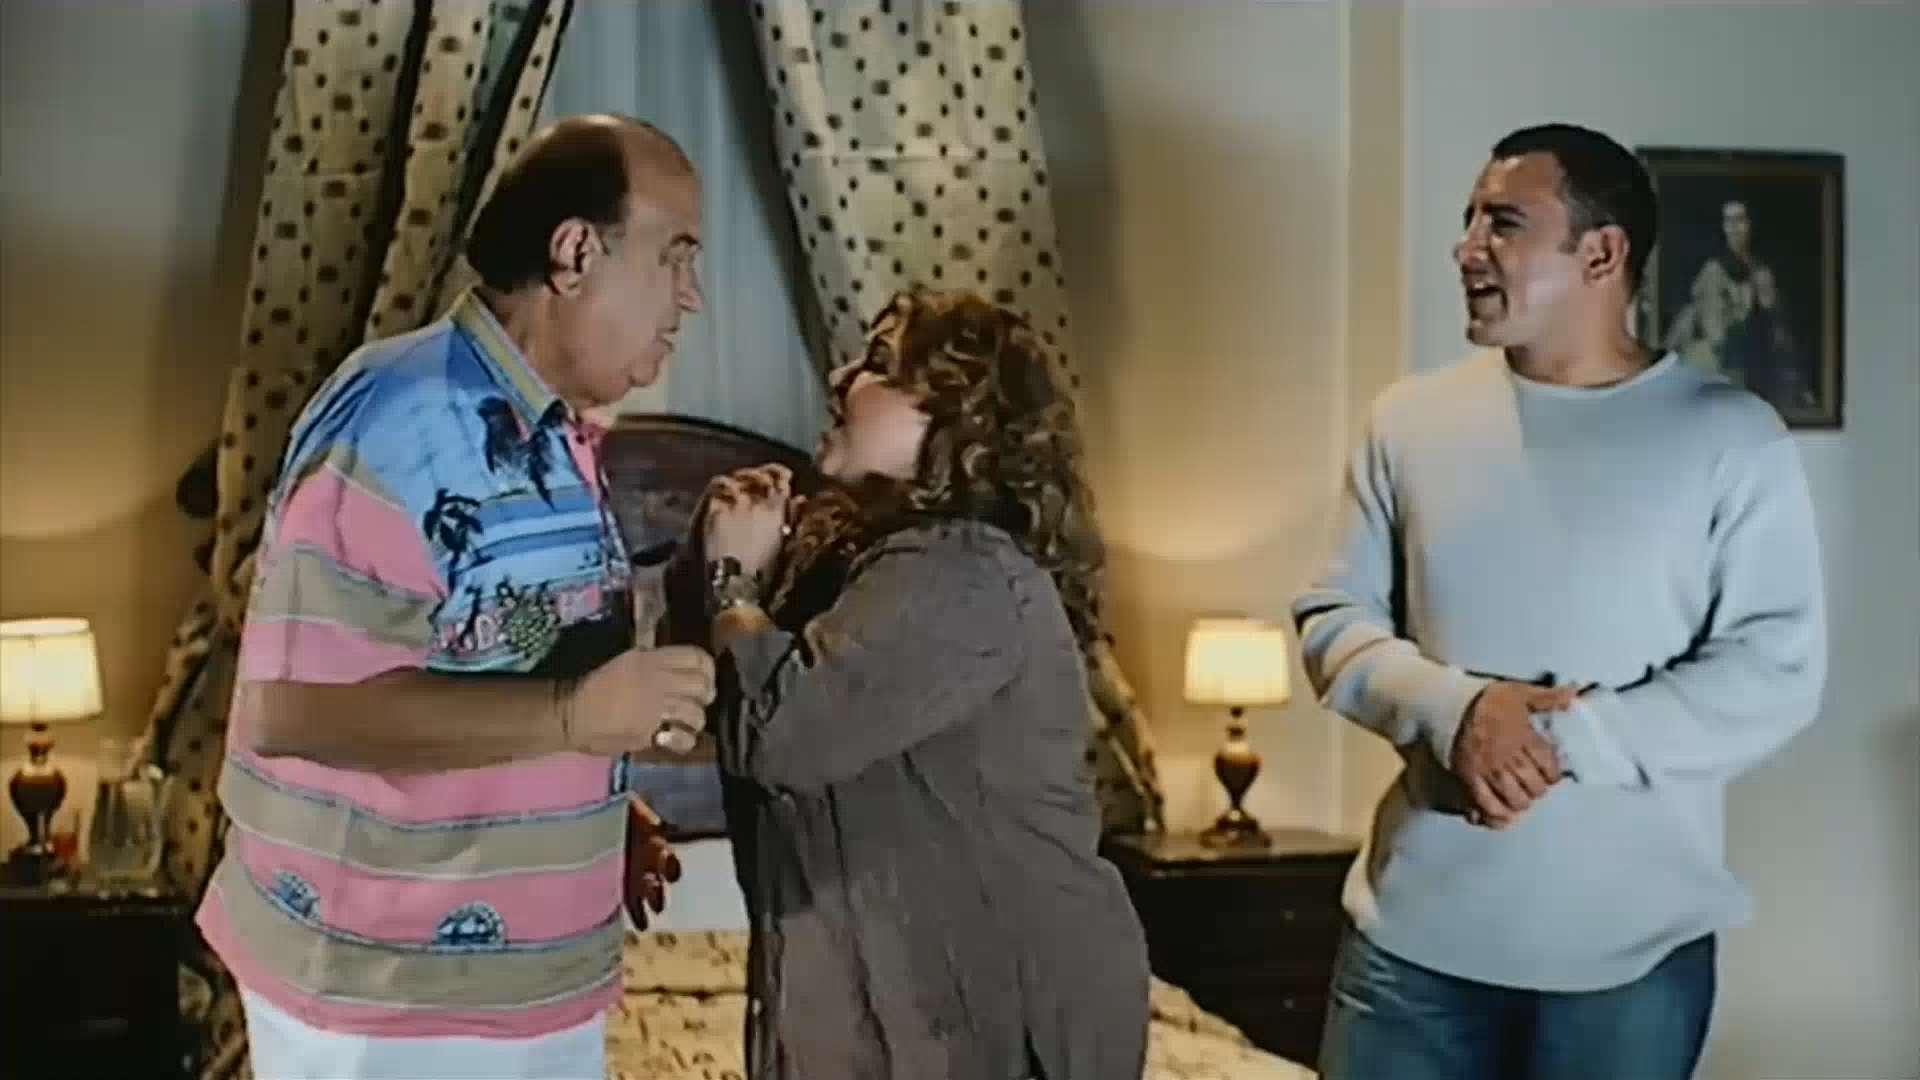 [فيلم][تورنت][تحميل][الباشا تلميذ][2004][1080p][Web-DL] 3 arabp2p.com